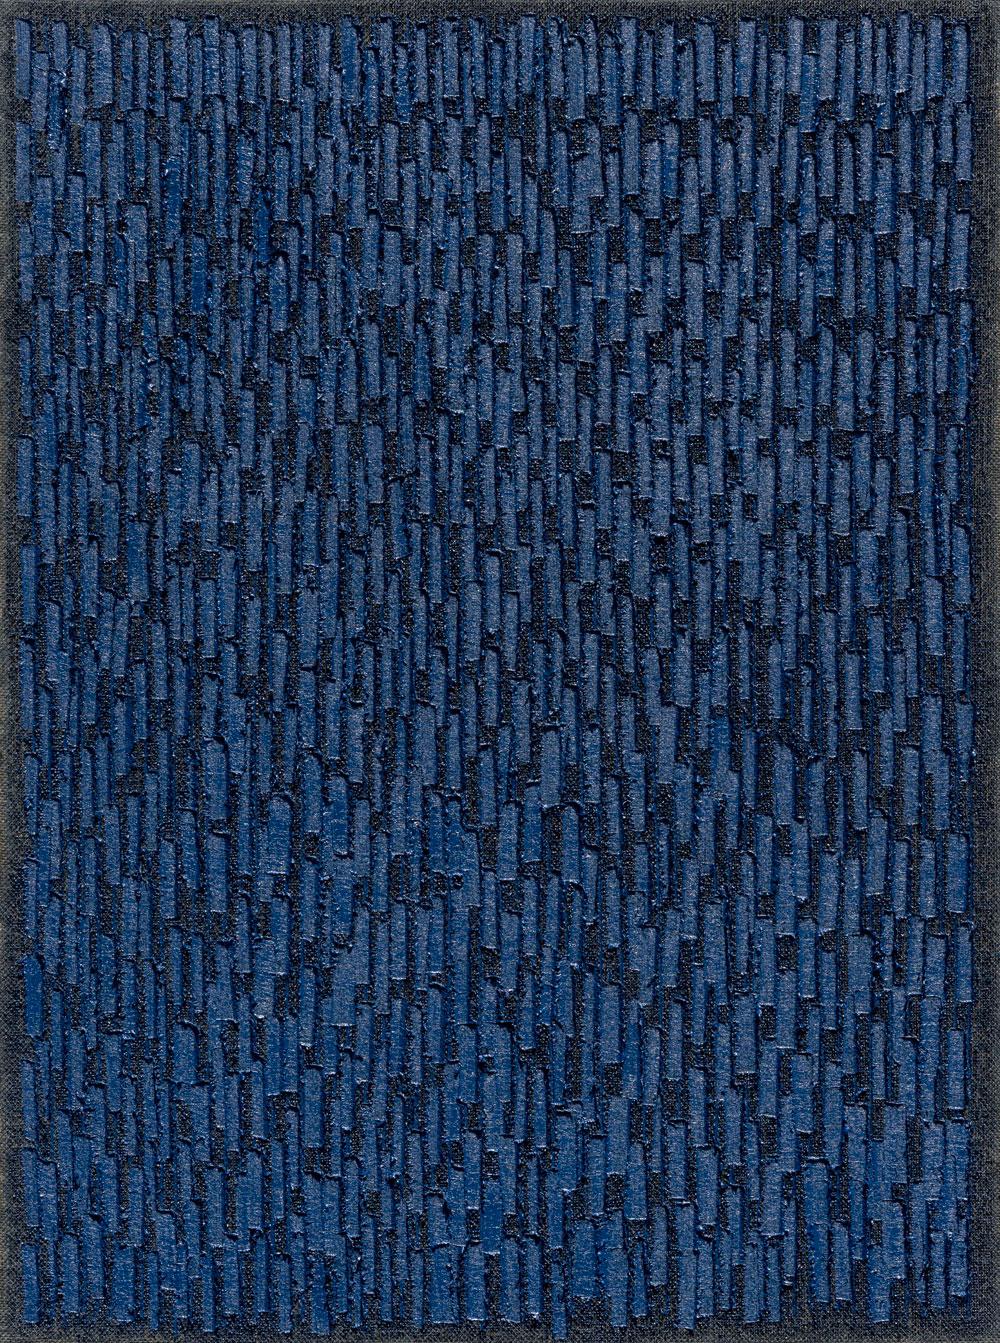 La Cardi Gallery di Milano presenta la personale dell'artista sud-coreano Ha  Chong-Hyun